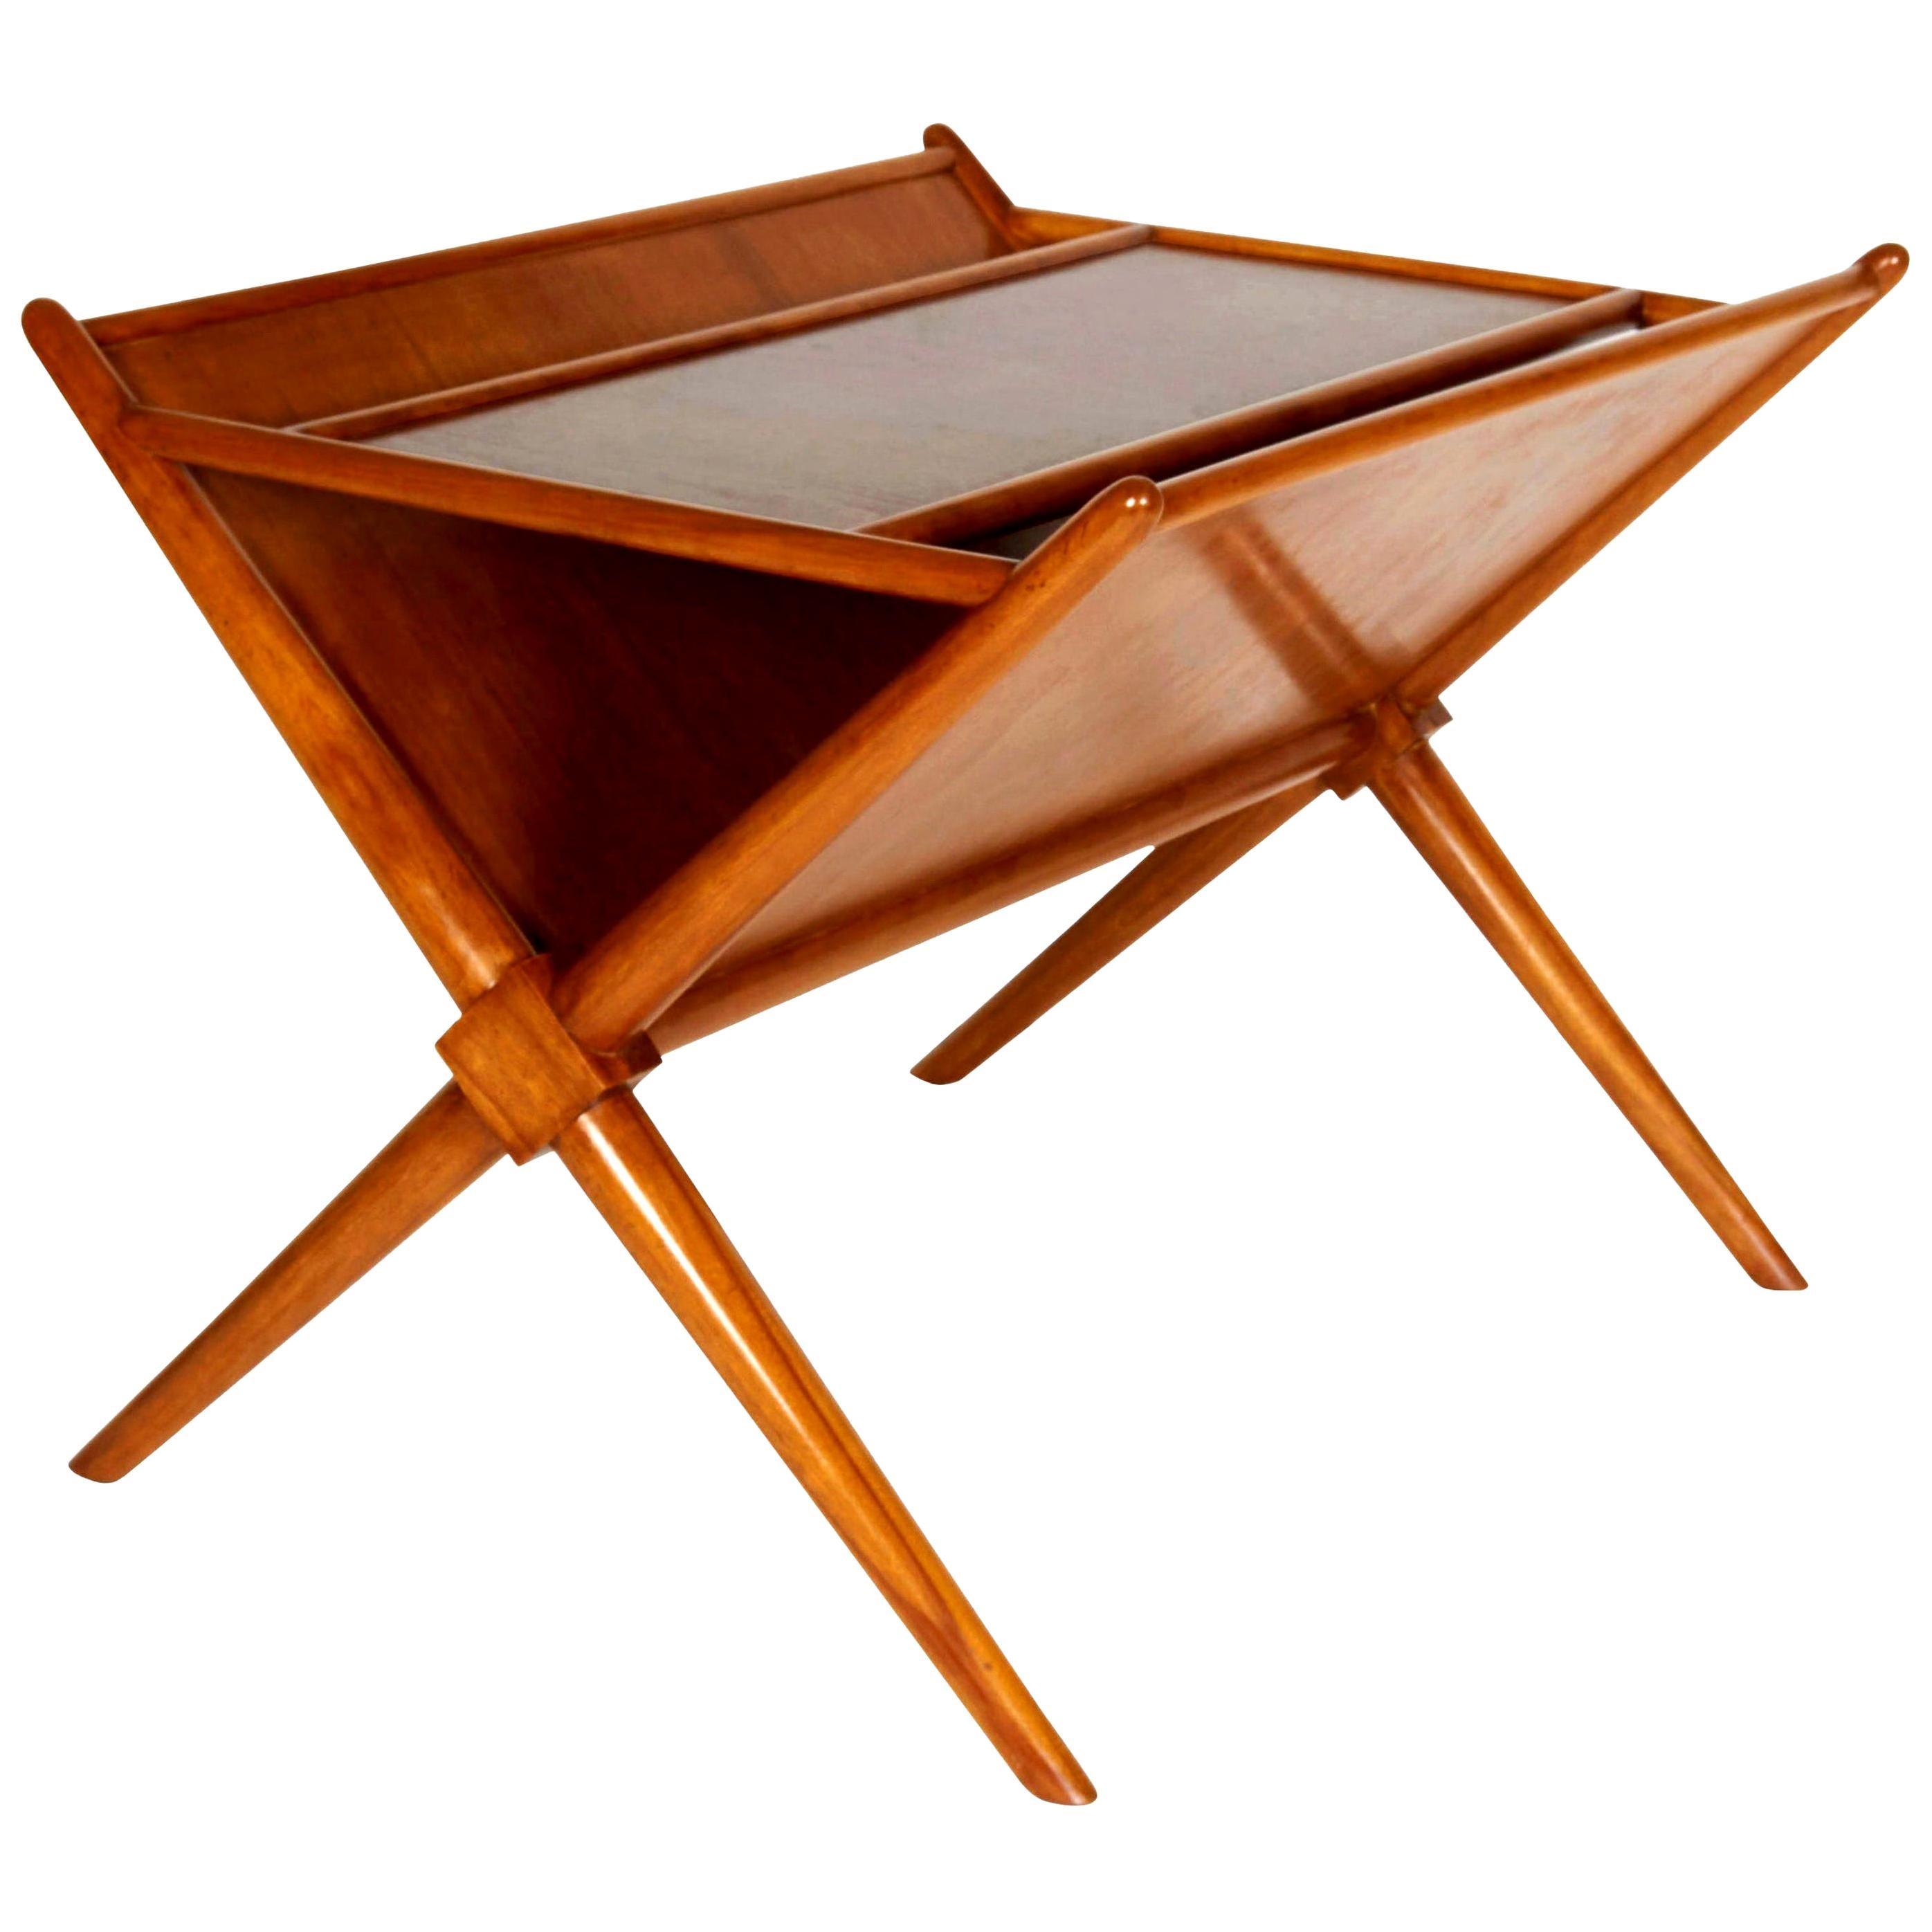 Magazine Side Table by T.H. Robsjohn-Gibbings, Mid-Century Modern Design